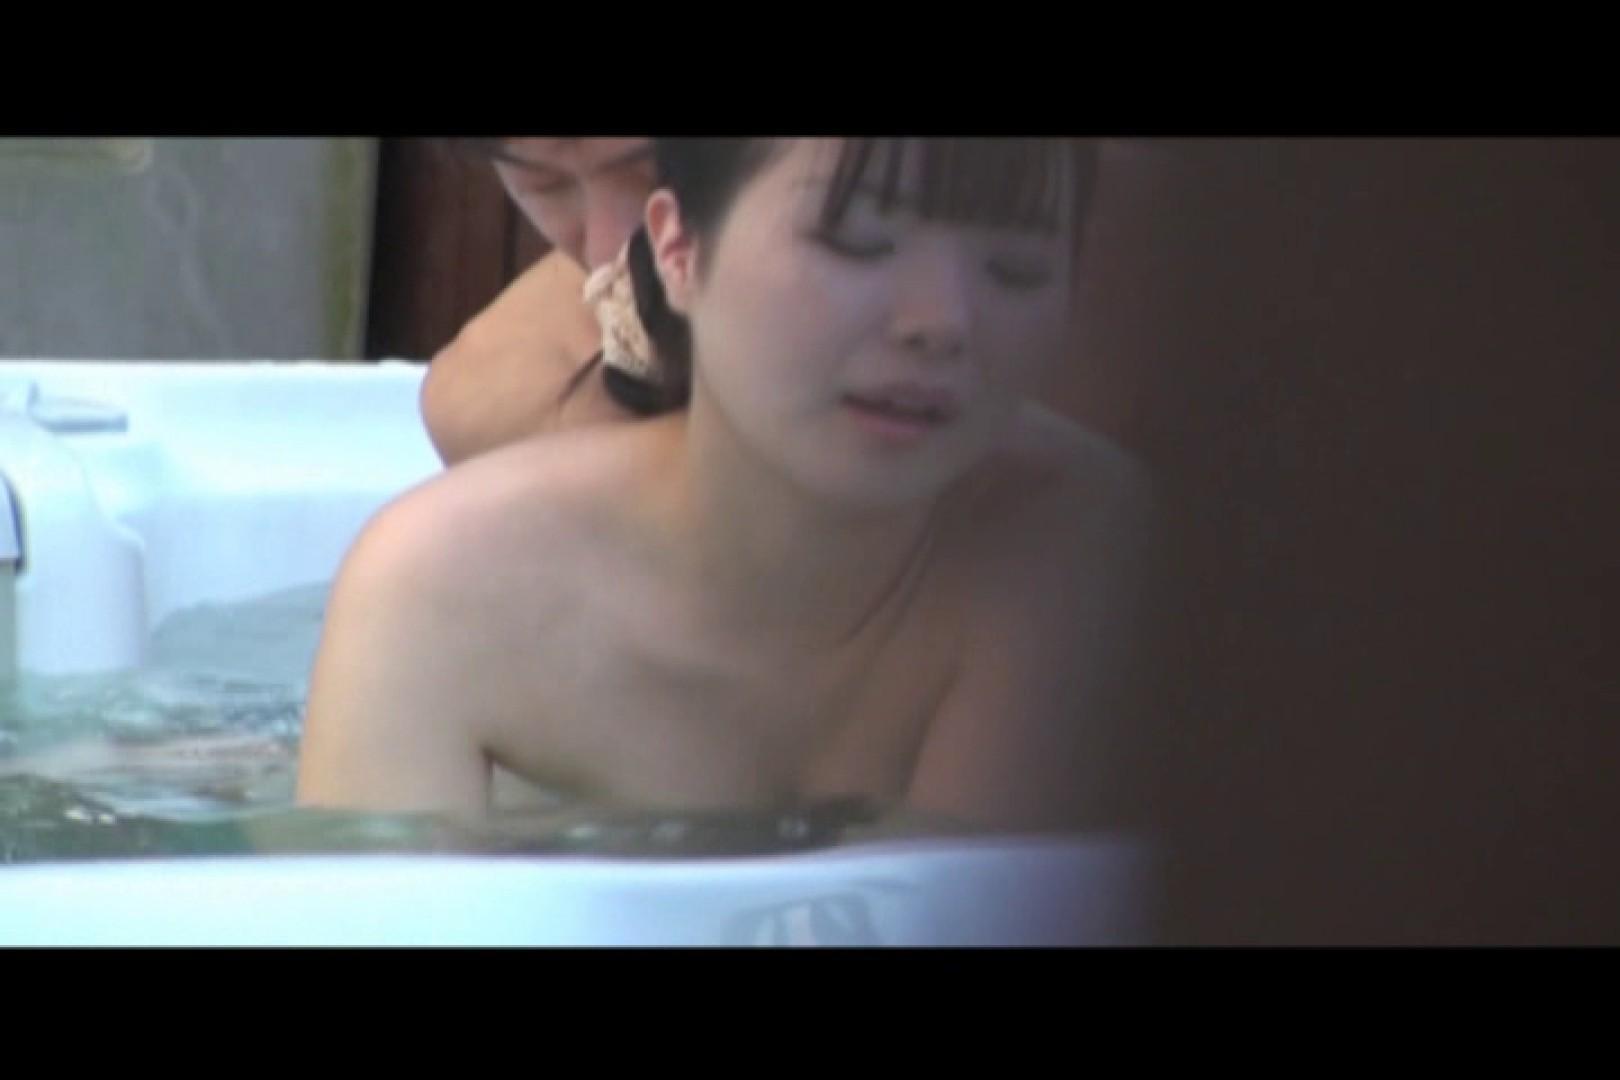 貸切露天 発情カップル! vol.09 カップル   露天風呂の女子達  43画像 39